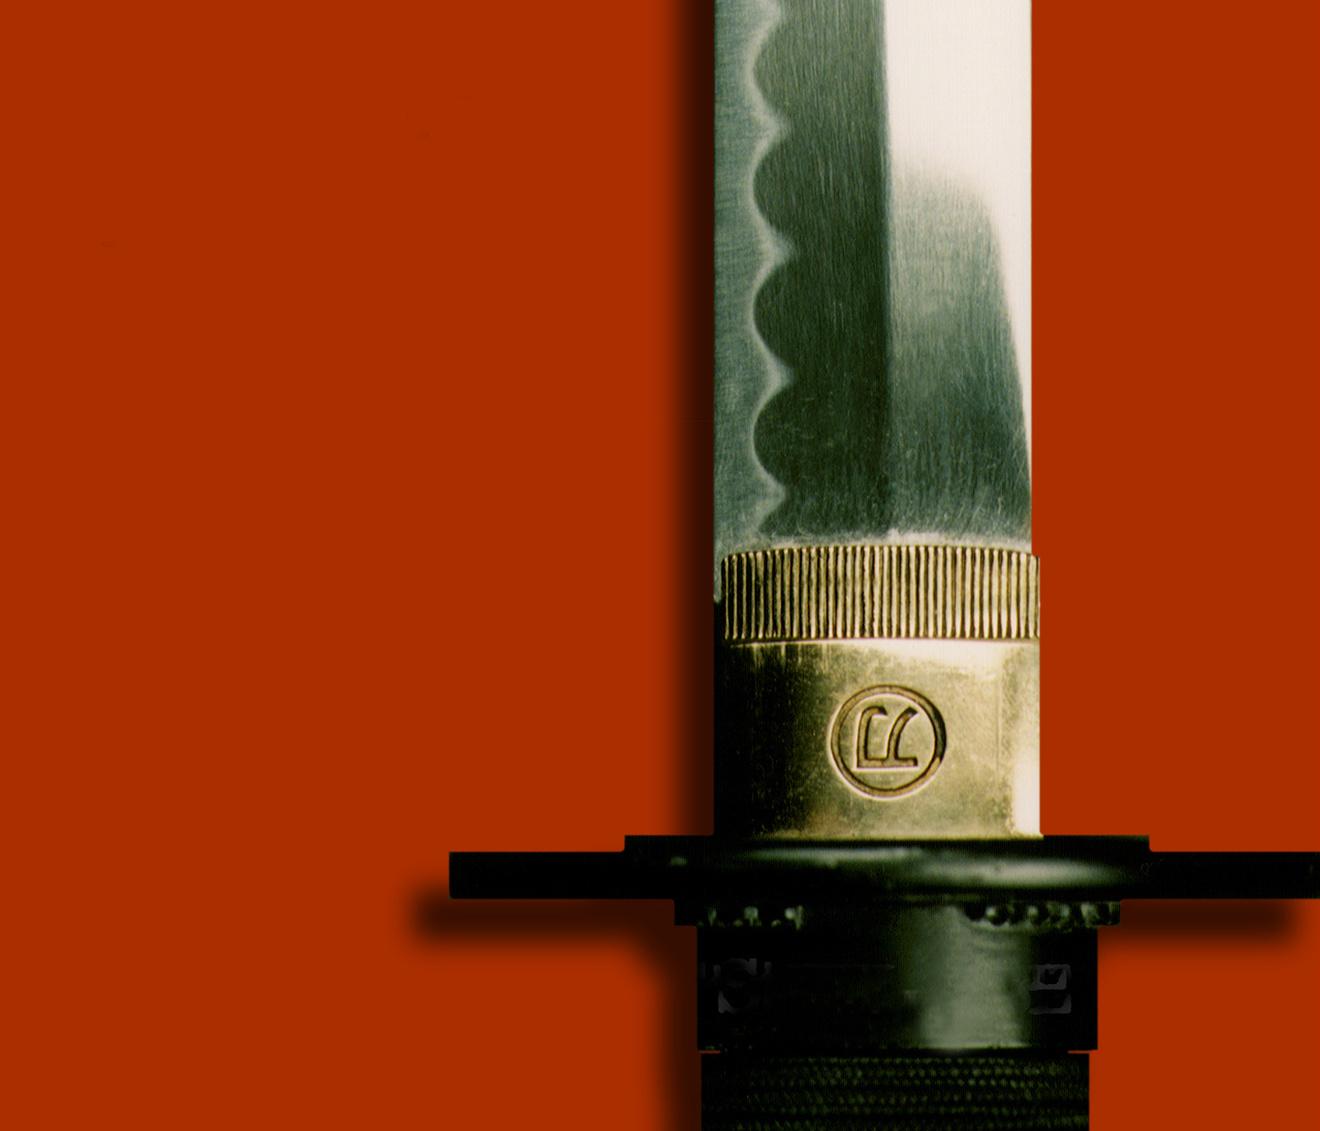 島津義久にまつわる5つの逸話!九州で一大勢力を築いた戦国大名